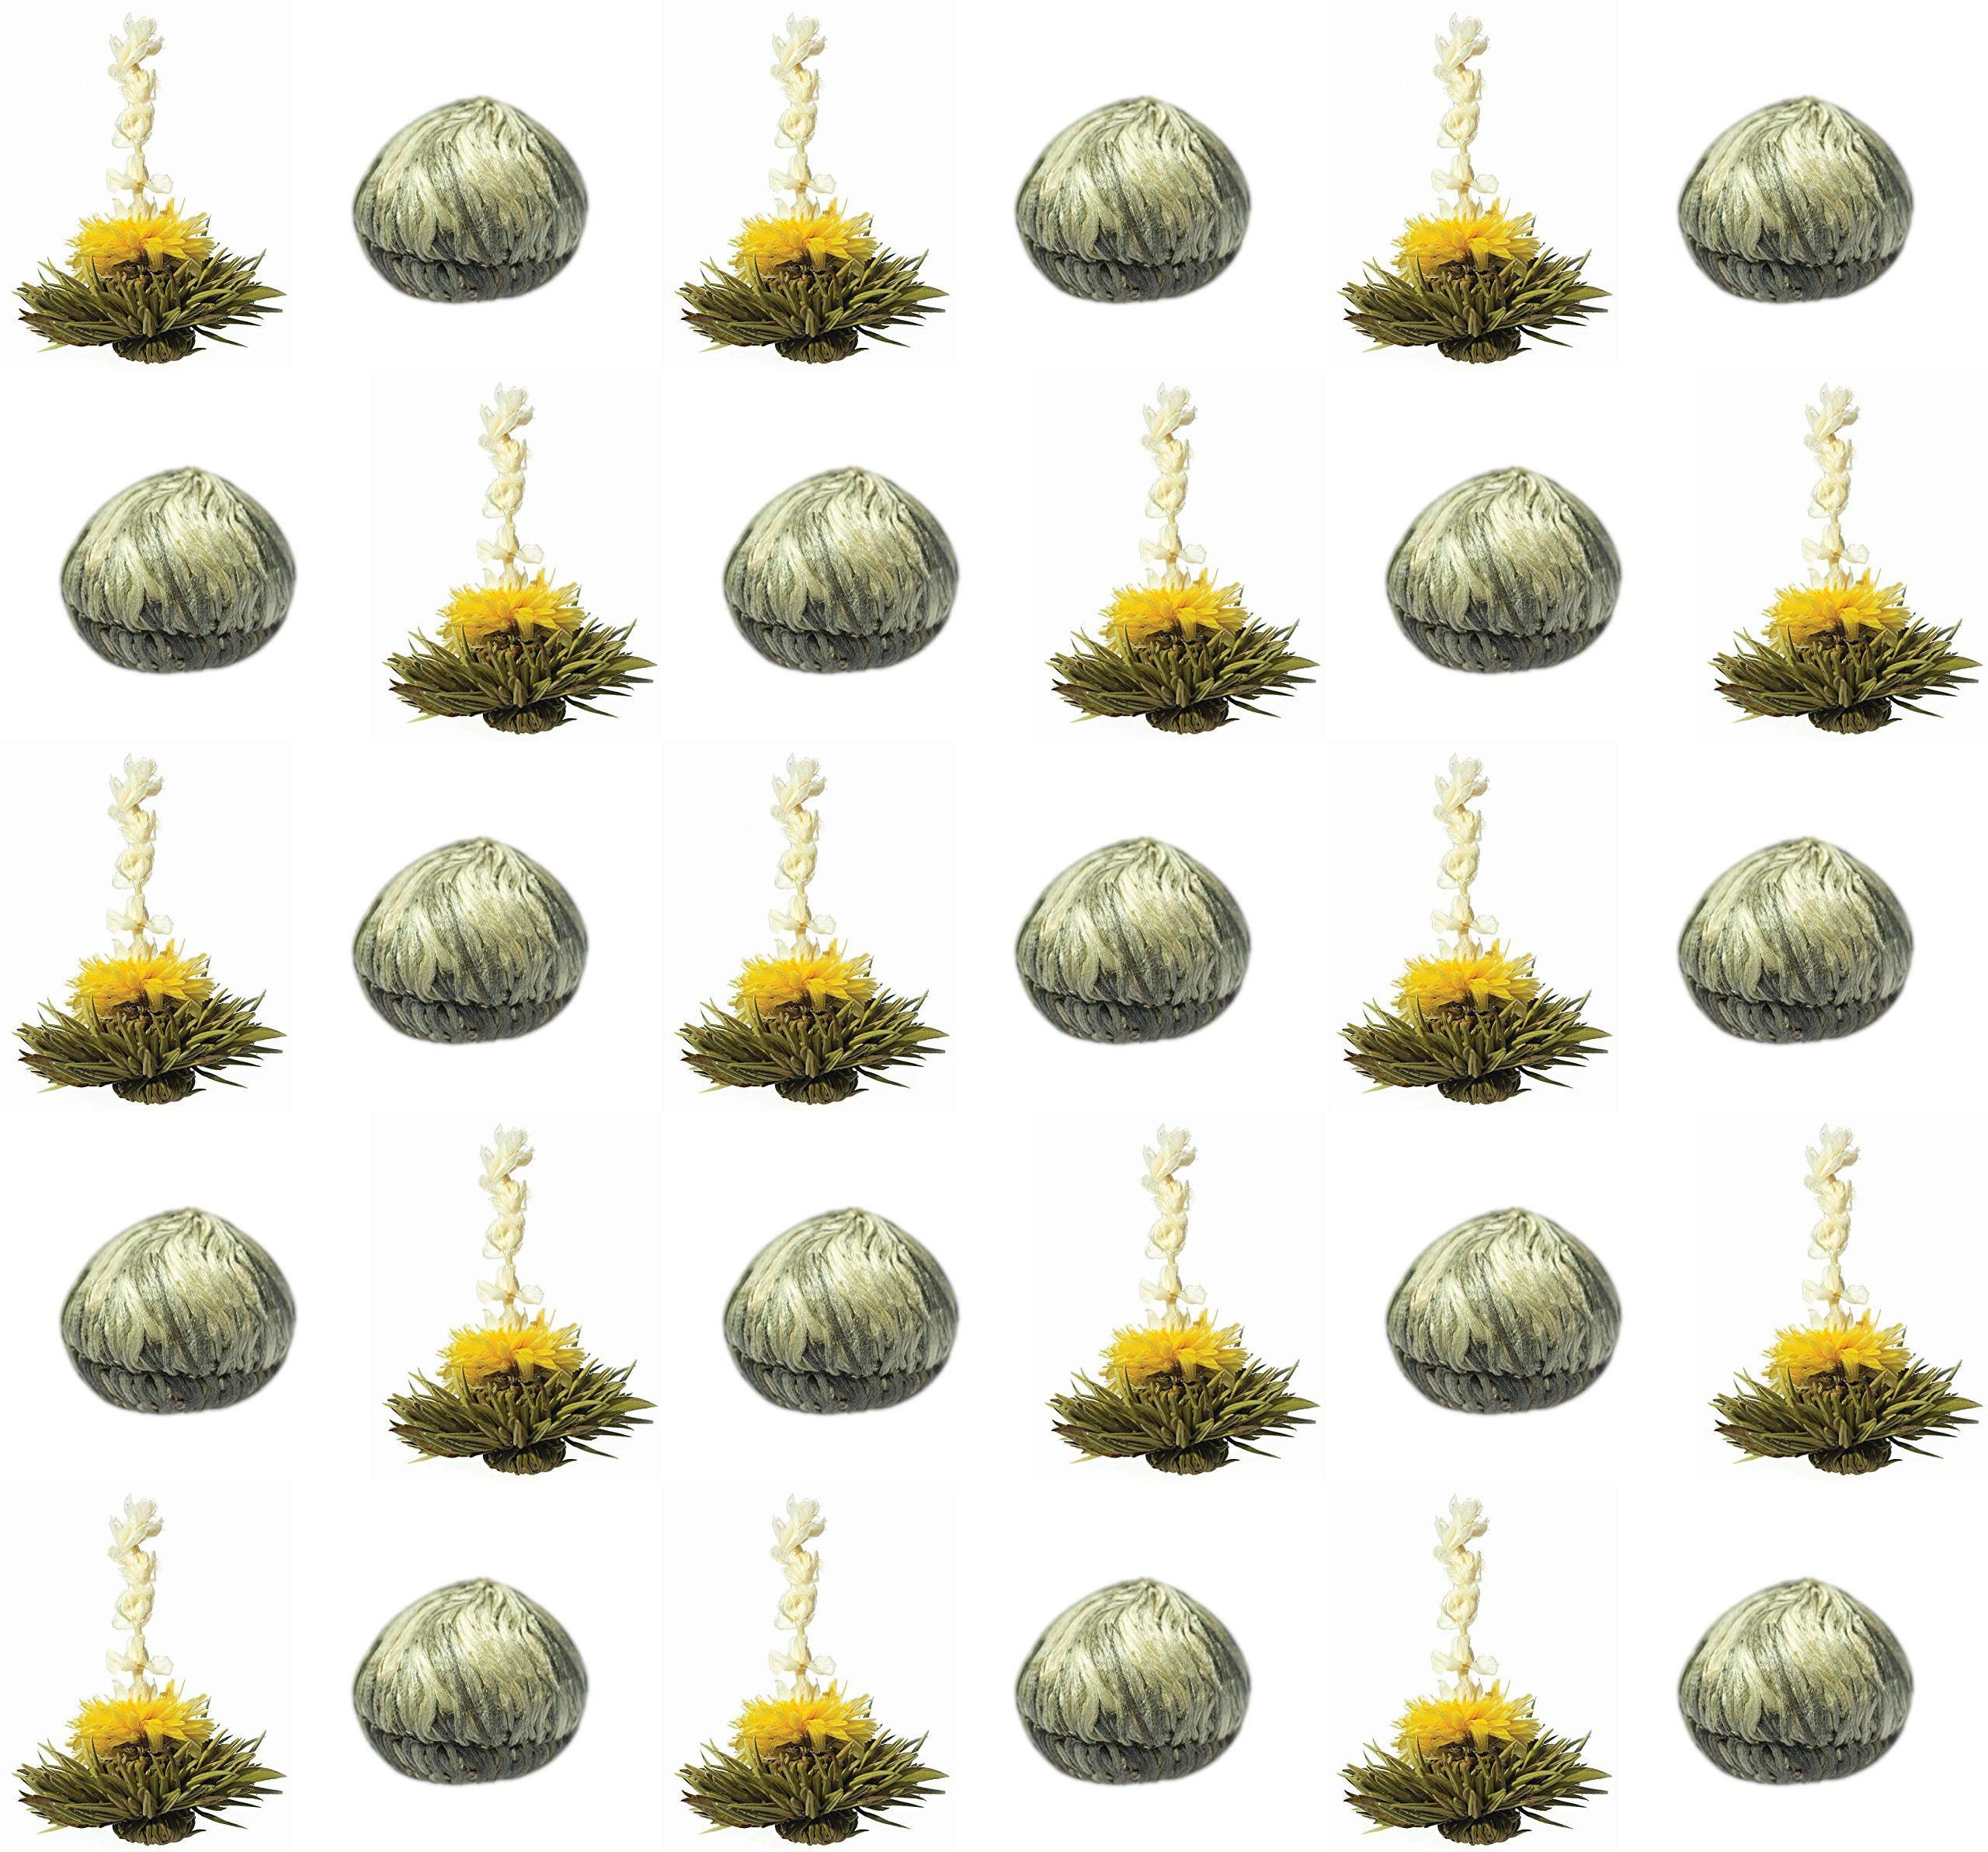 30-Stck-Sonderangebot-TRIPLE-weier-Tee-Teeblumen-3-Sorten-mit-natrlichem-Litschi-Mango-PfirsicharomaTeerosenTeebltenblooming-teaErblhteeAufblhtee-aus-hochwertigem-Weitee-by-Feelino